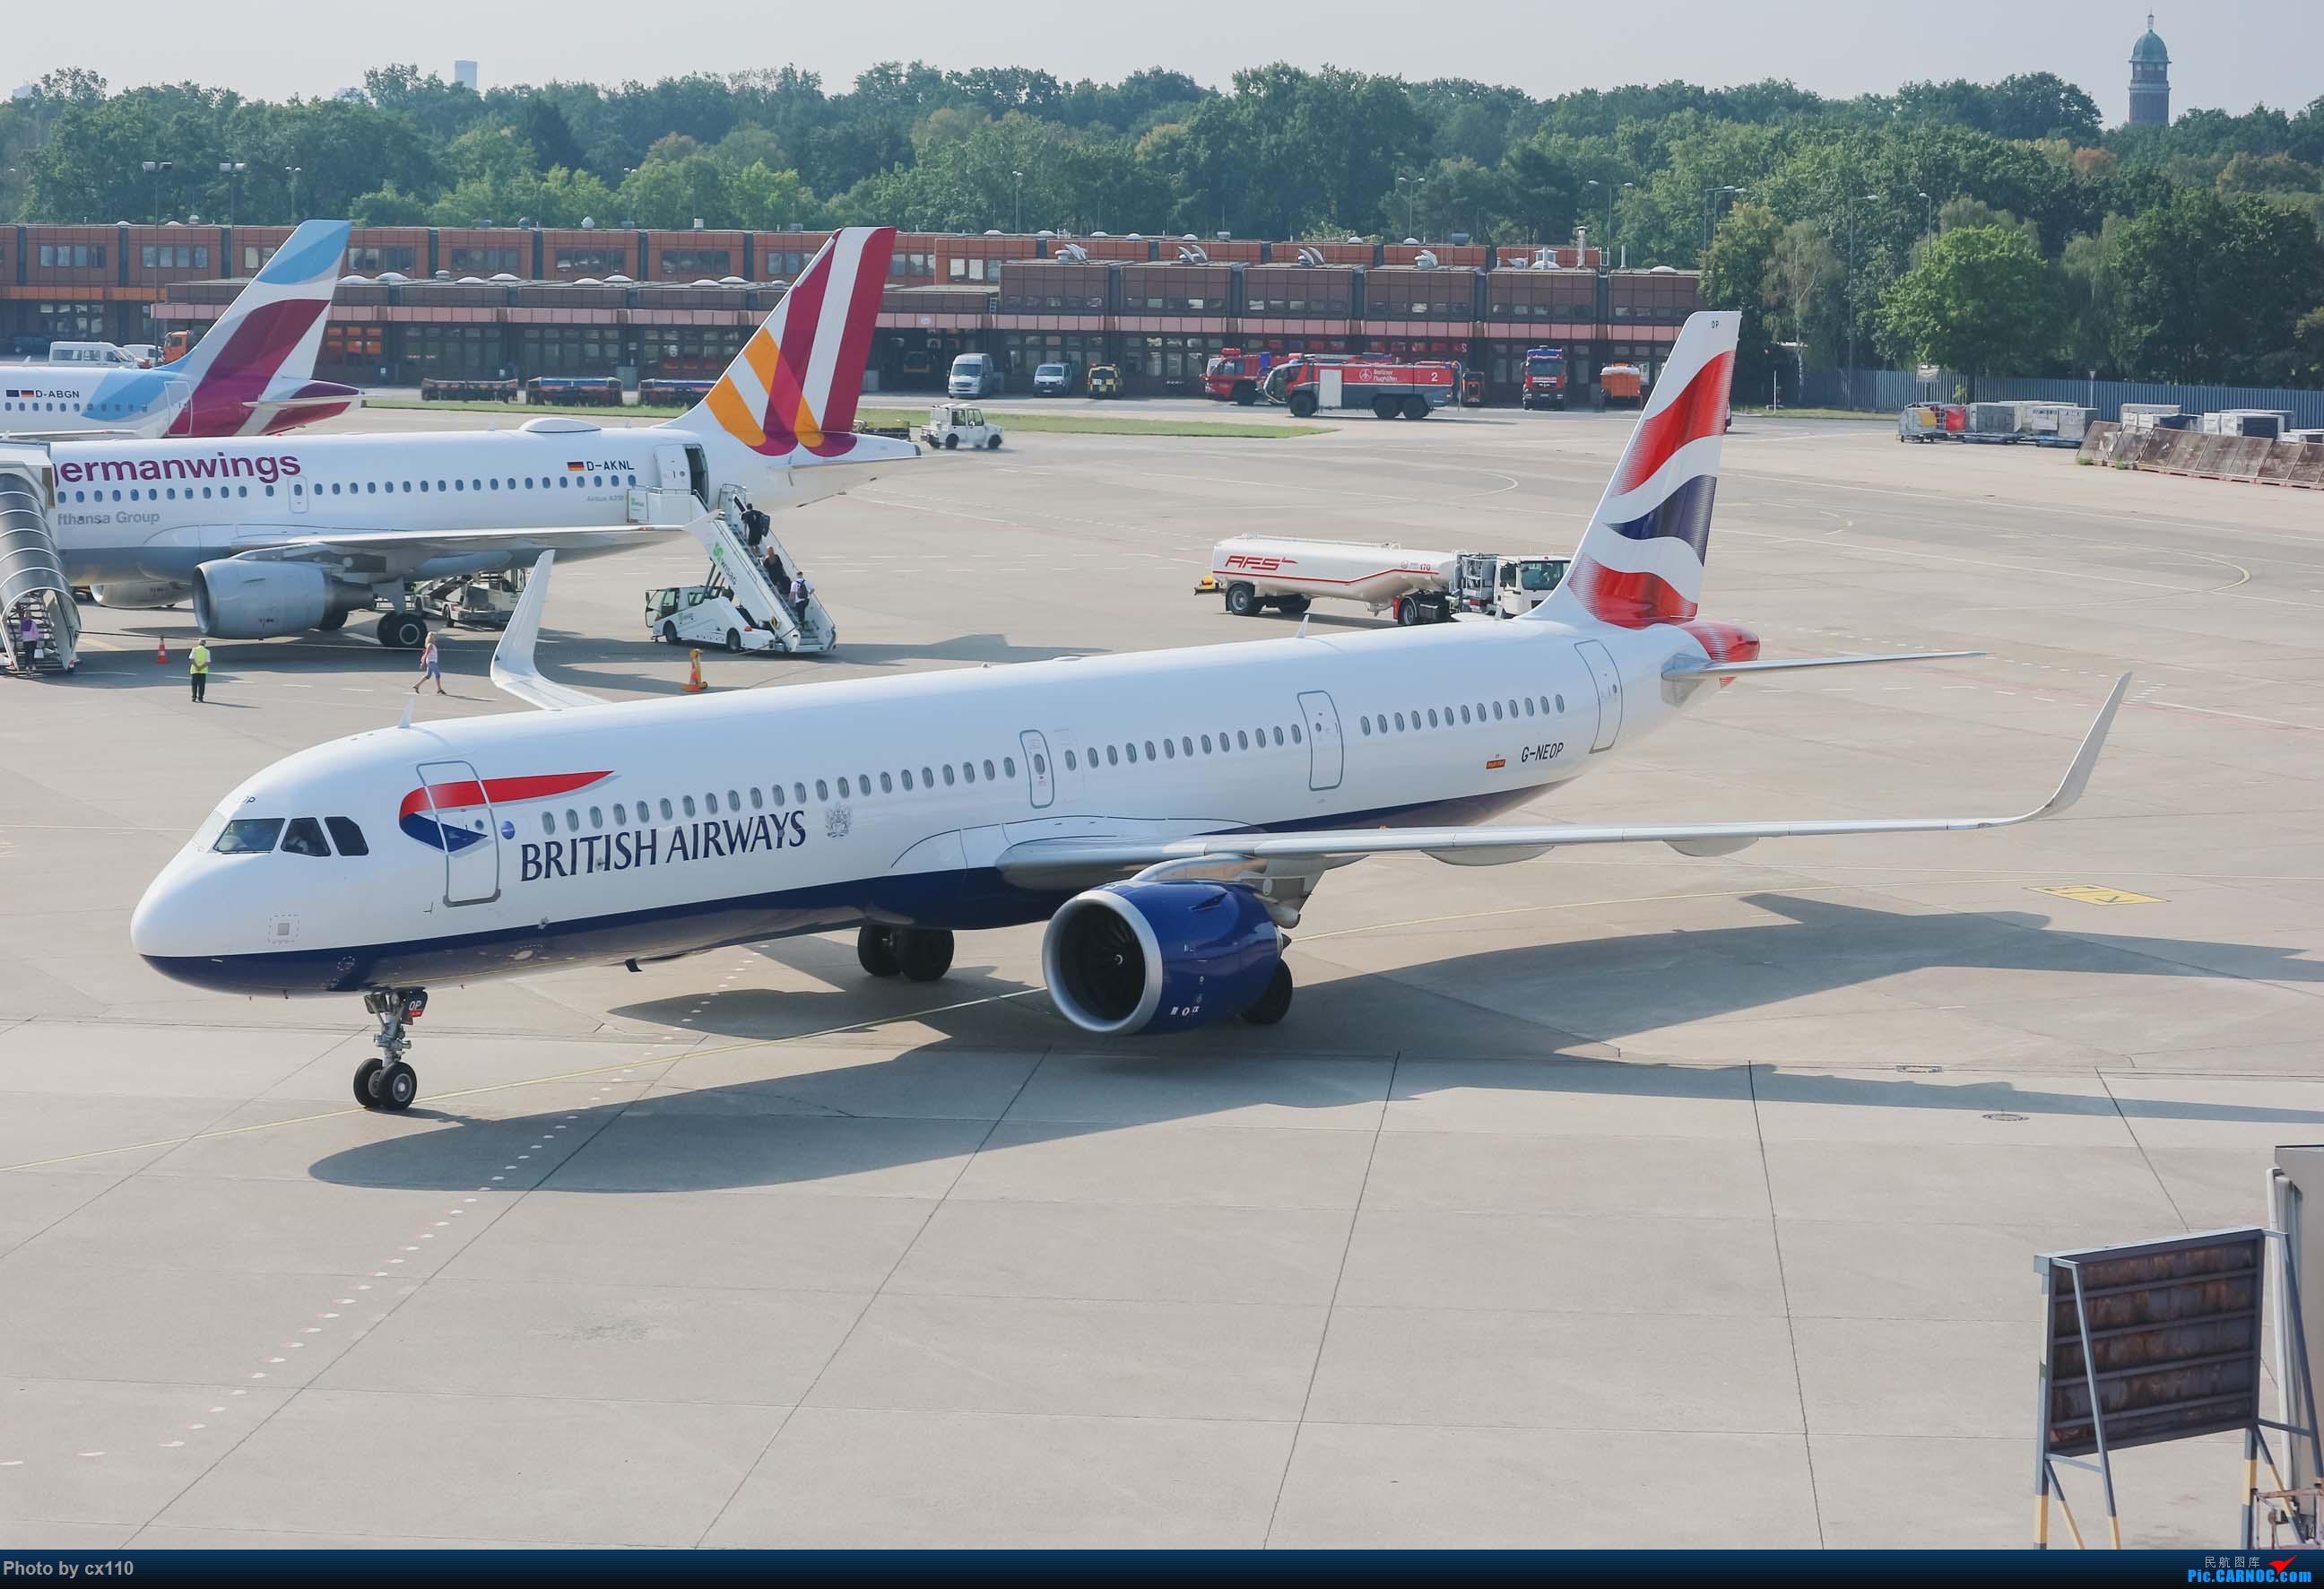 Re:[原创]欧洲机场拍机记-柏林/赫尔辛基/布拉格 AIRBUS A321-200 G-NEOP 德国柏林泰格尔机场